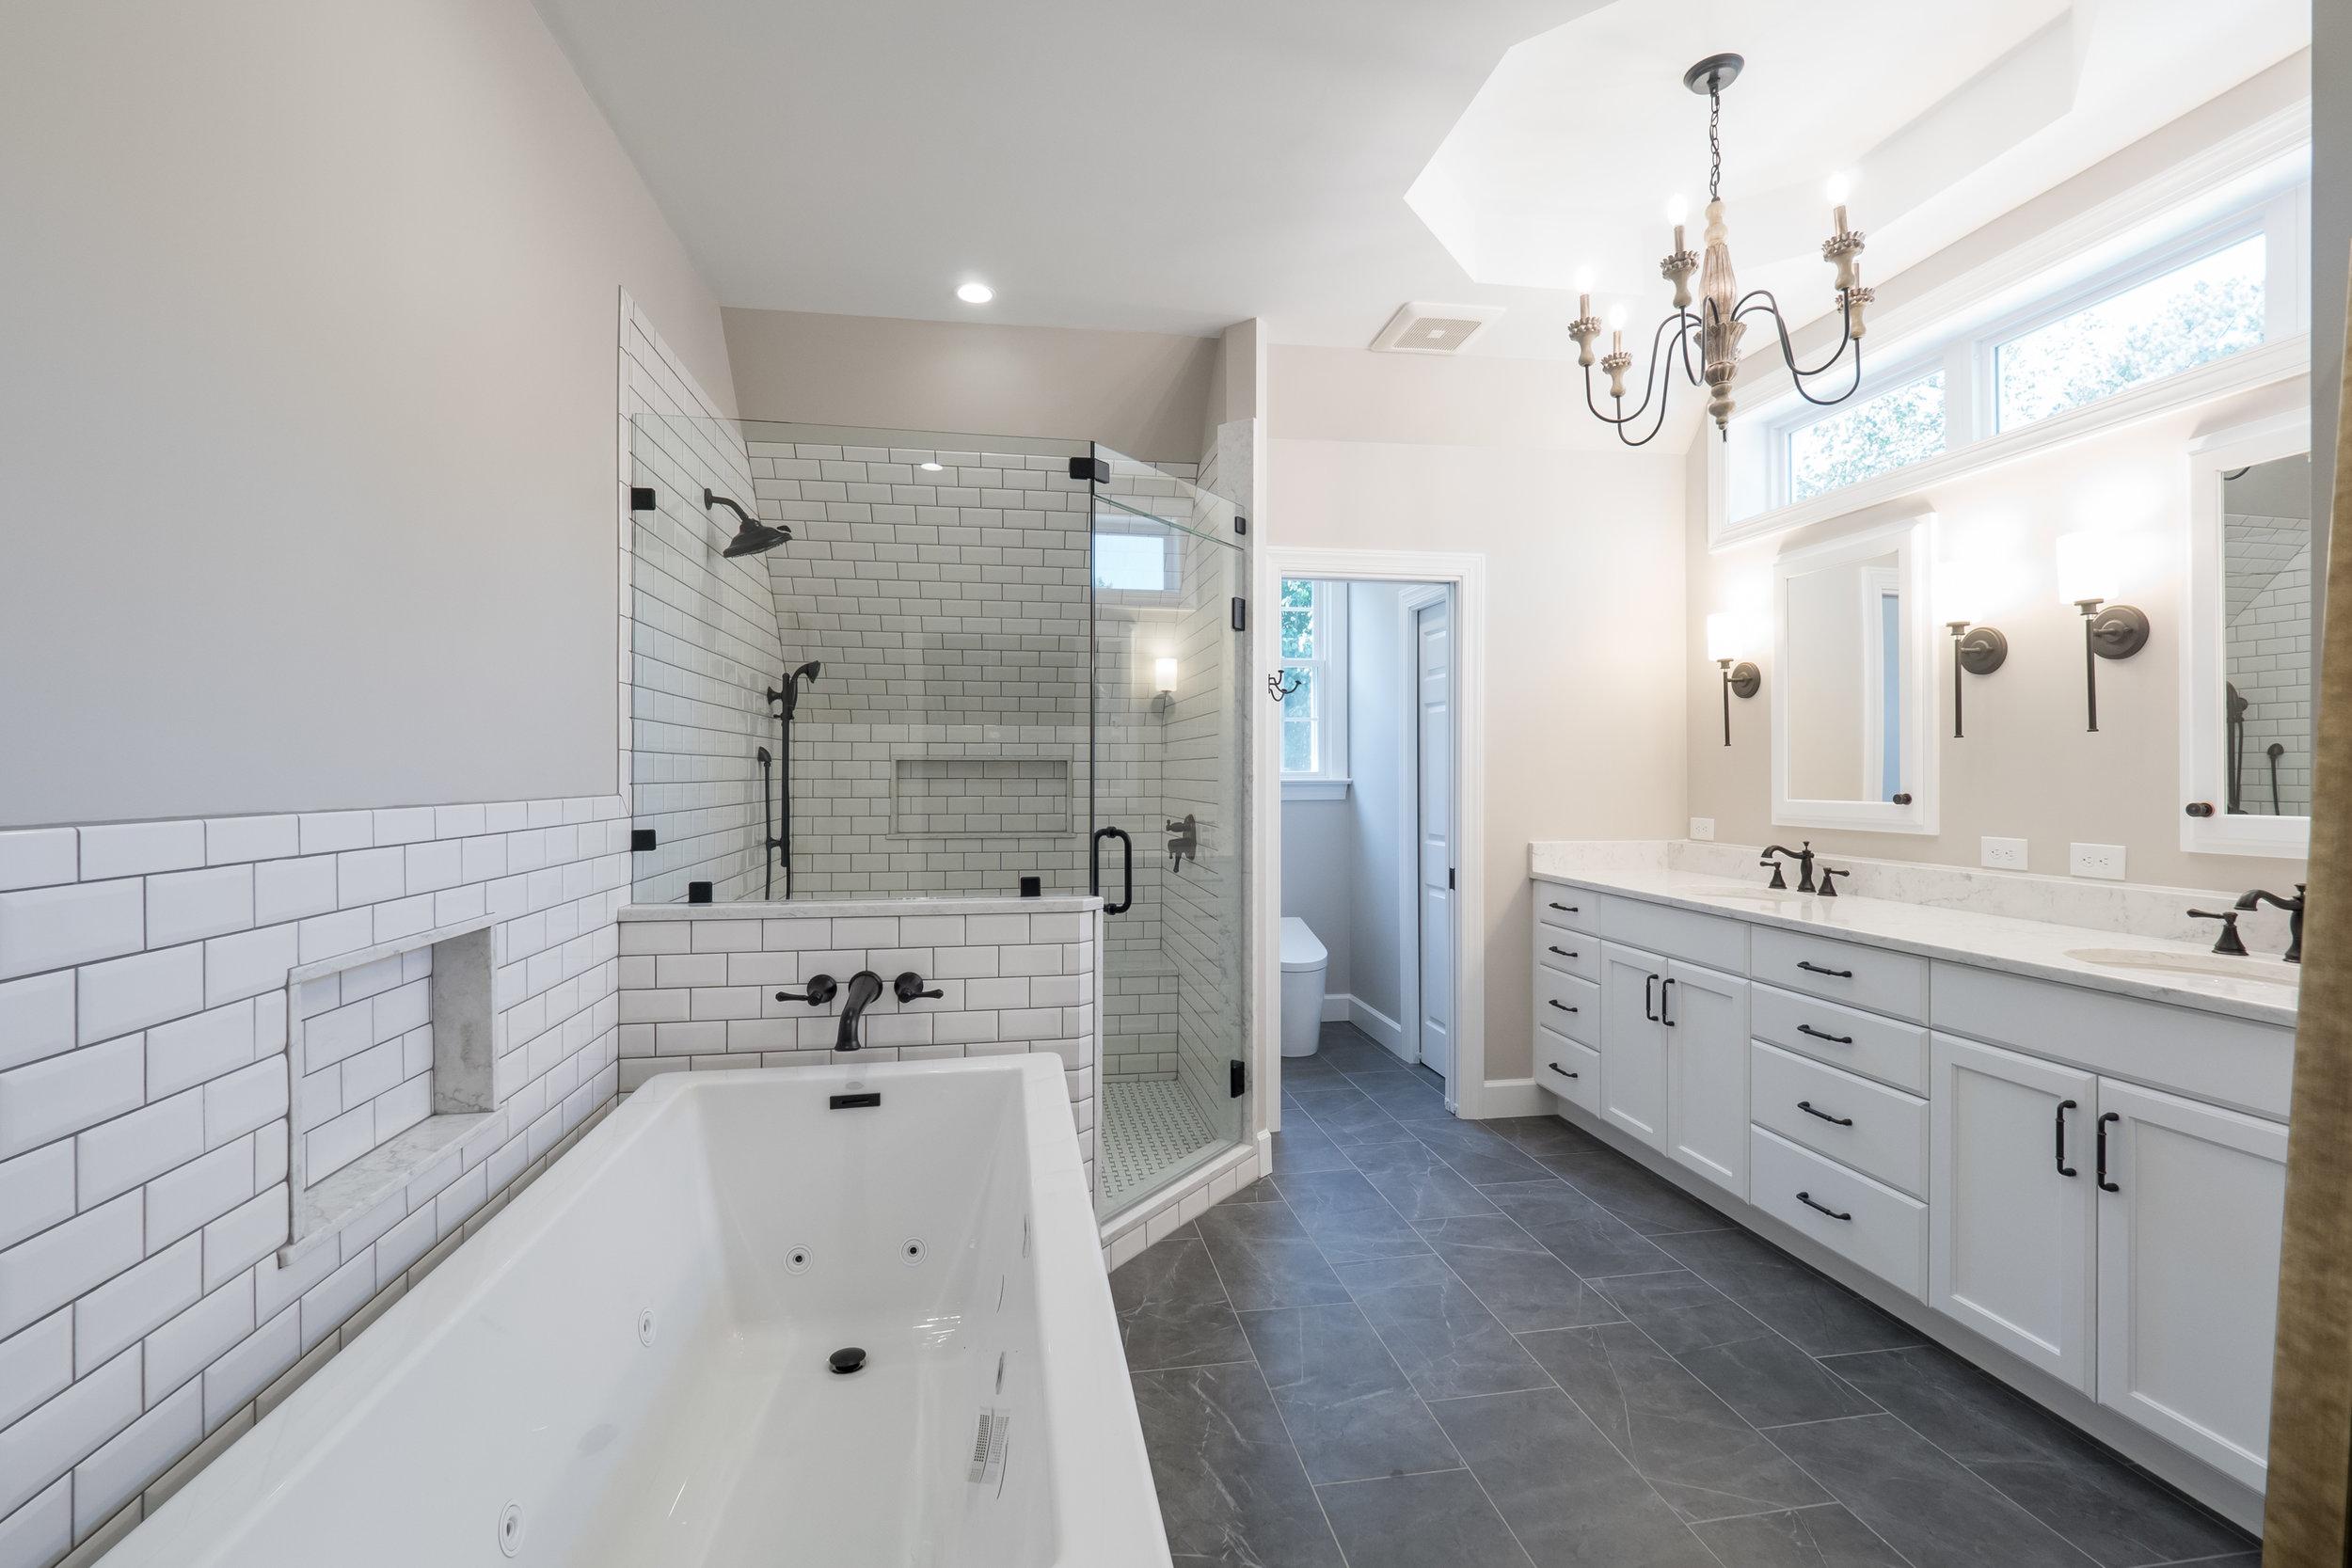 classy bathroom remodel + chesapeake + benson Homes + white tile.jpg